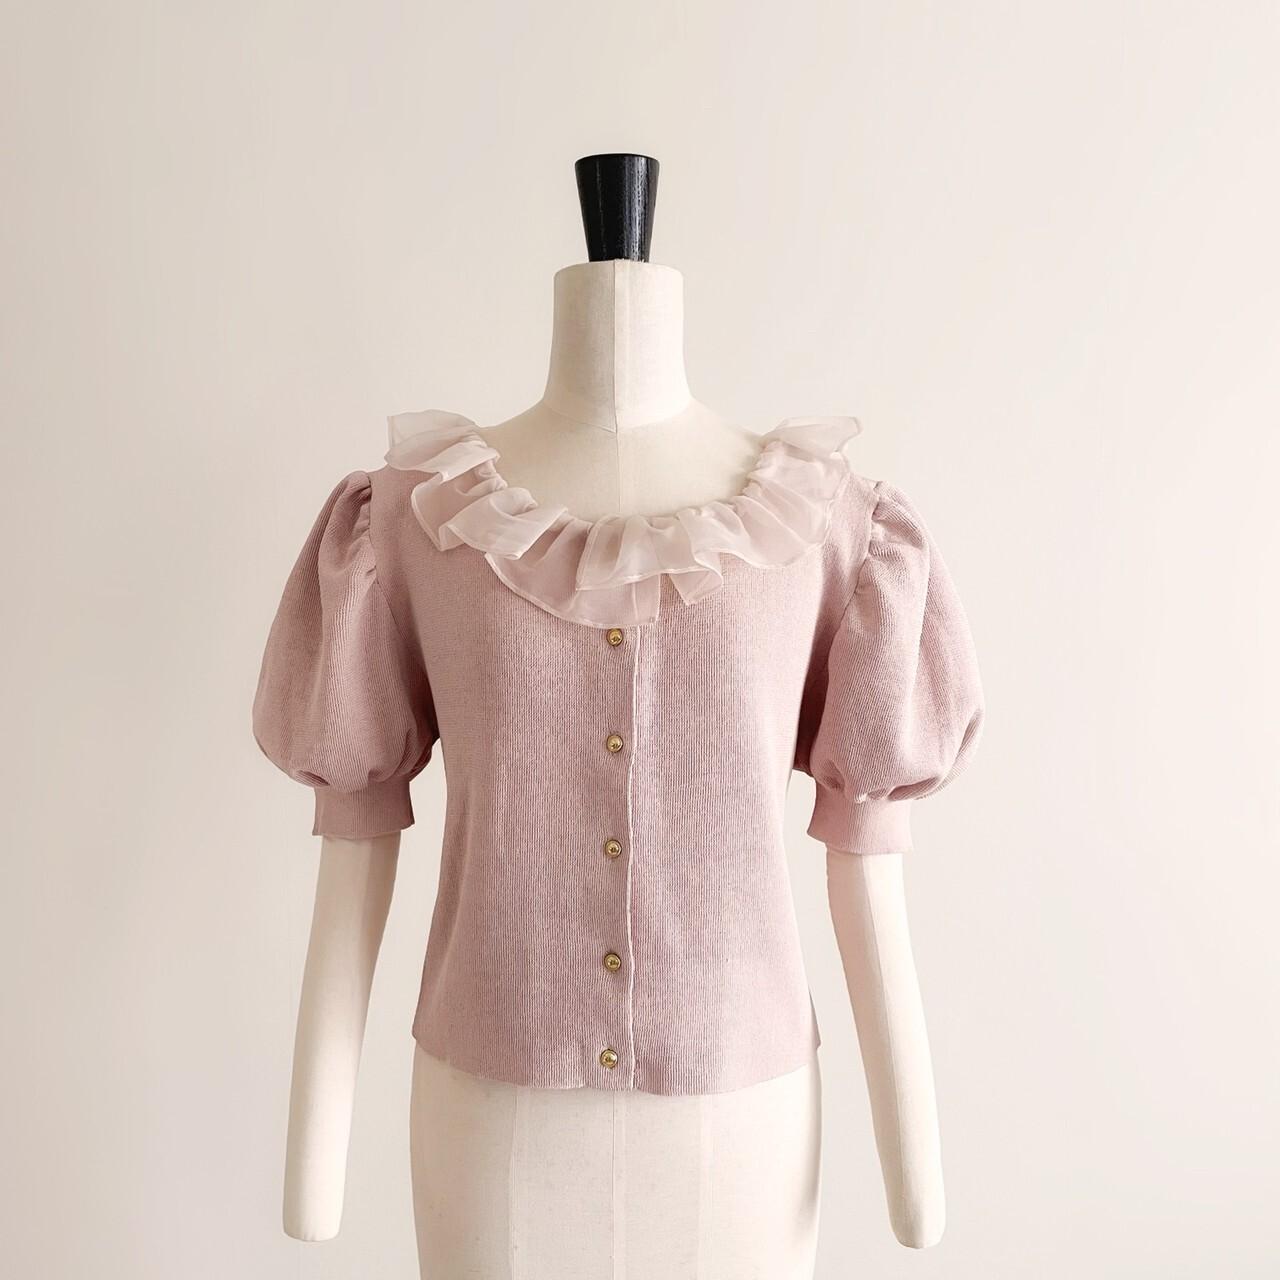 【meltie】original sheer frill summer knit